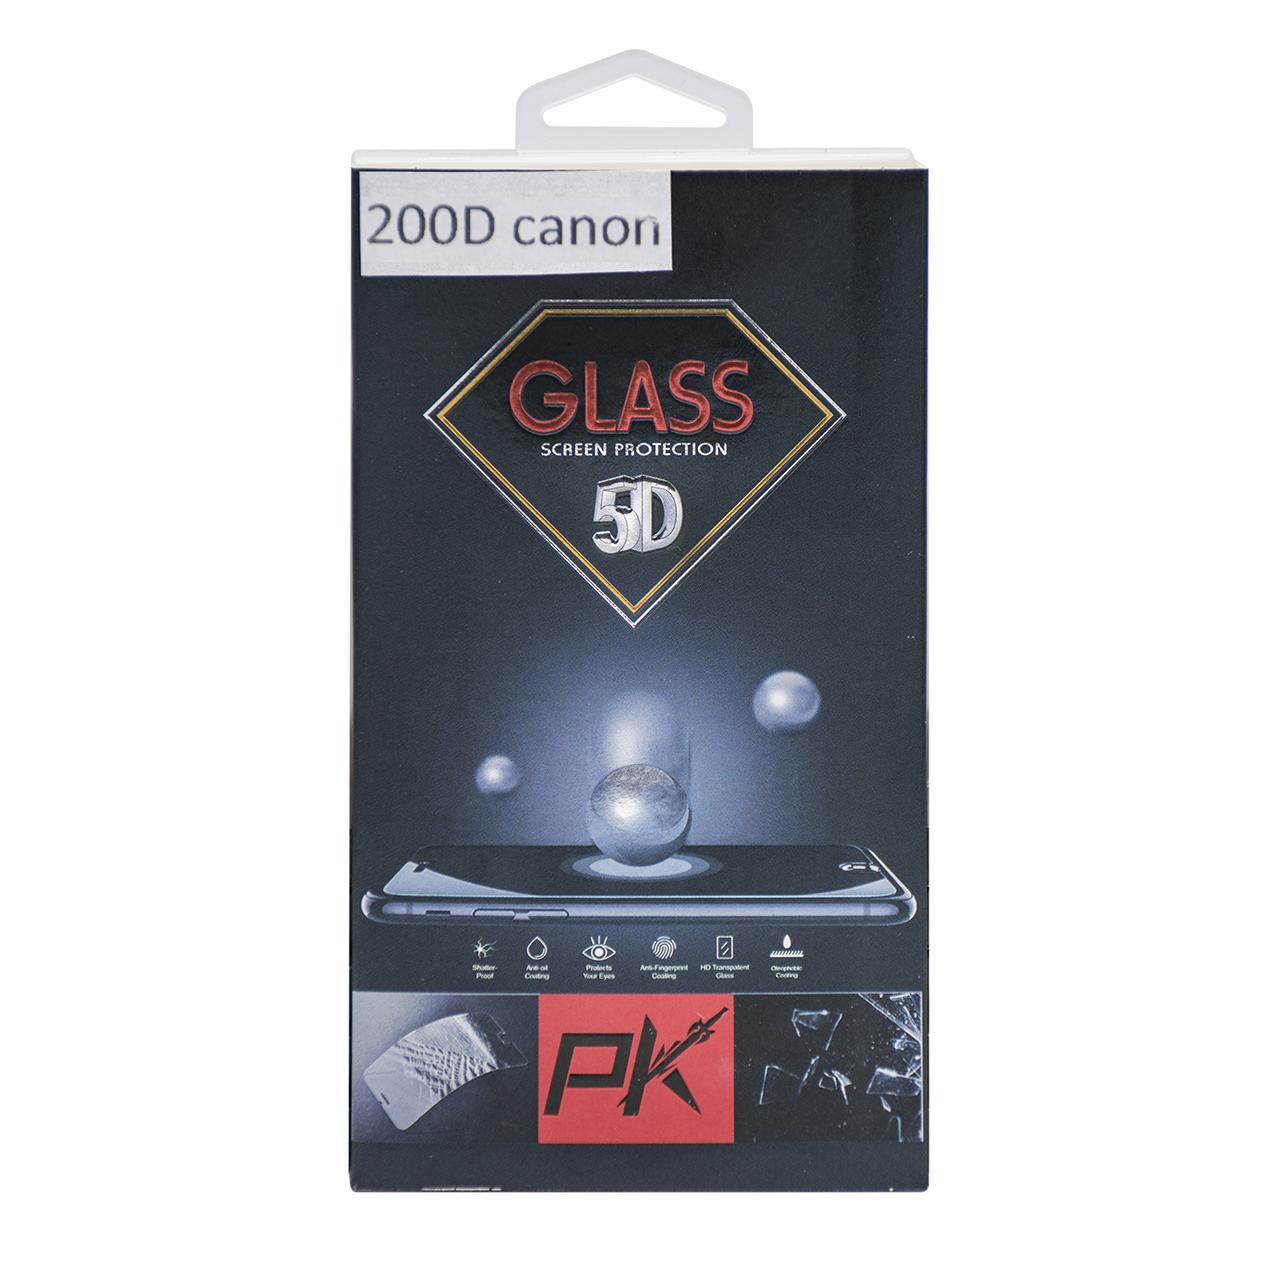 محافظ صفحه نمایش دوربین پی کی مدل P200D مناسب برای کانن 200D